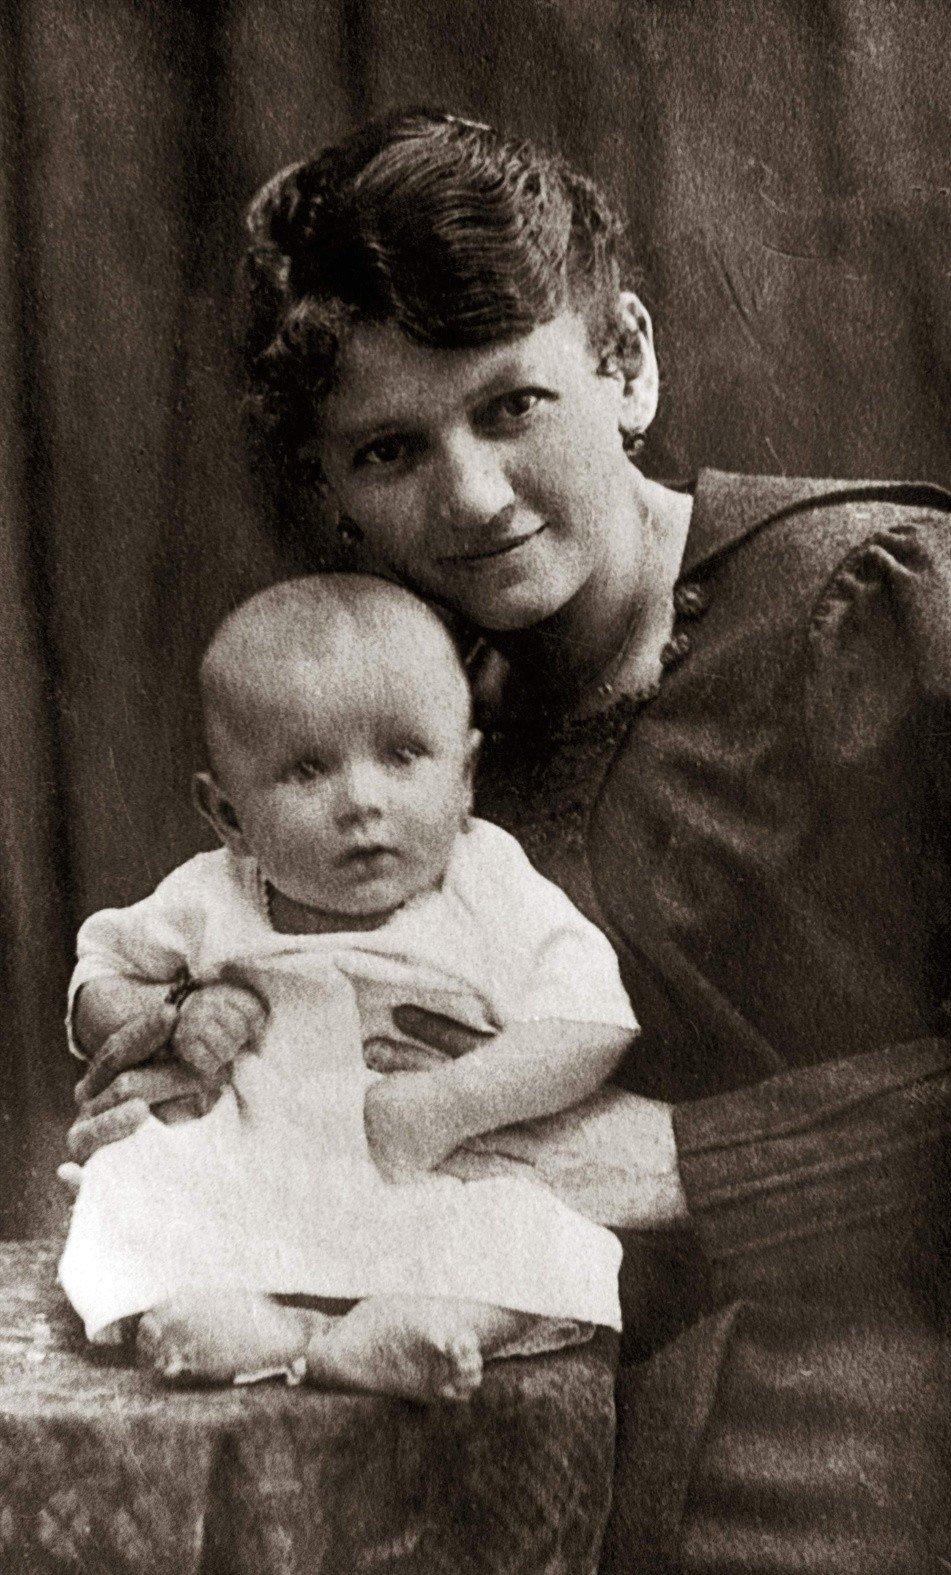 18 maja 1920 roku przyszedł na świat Karol Wojtyła, przyszły papież Jan Paweł II [archiwalne zdjęcia] | Dziennik Bałtycki